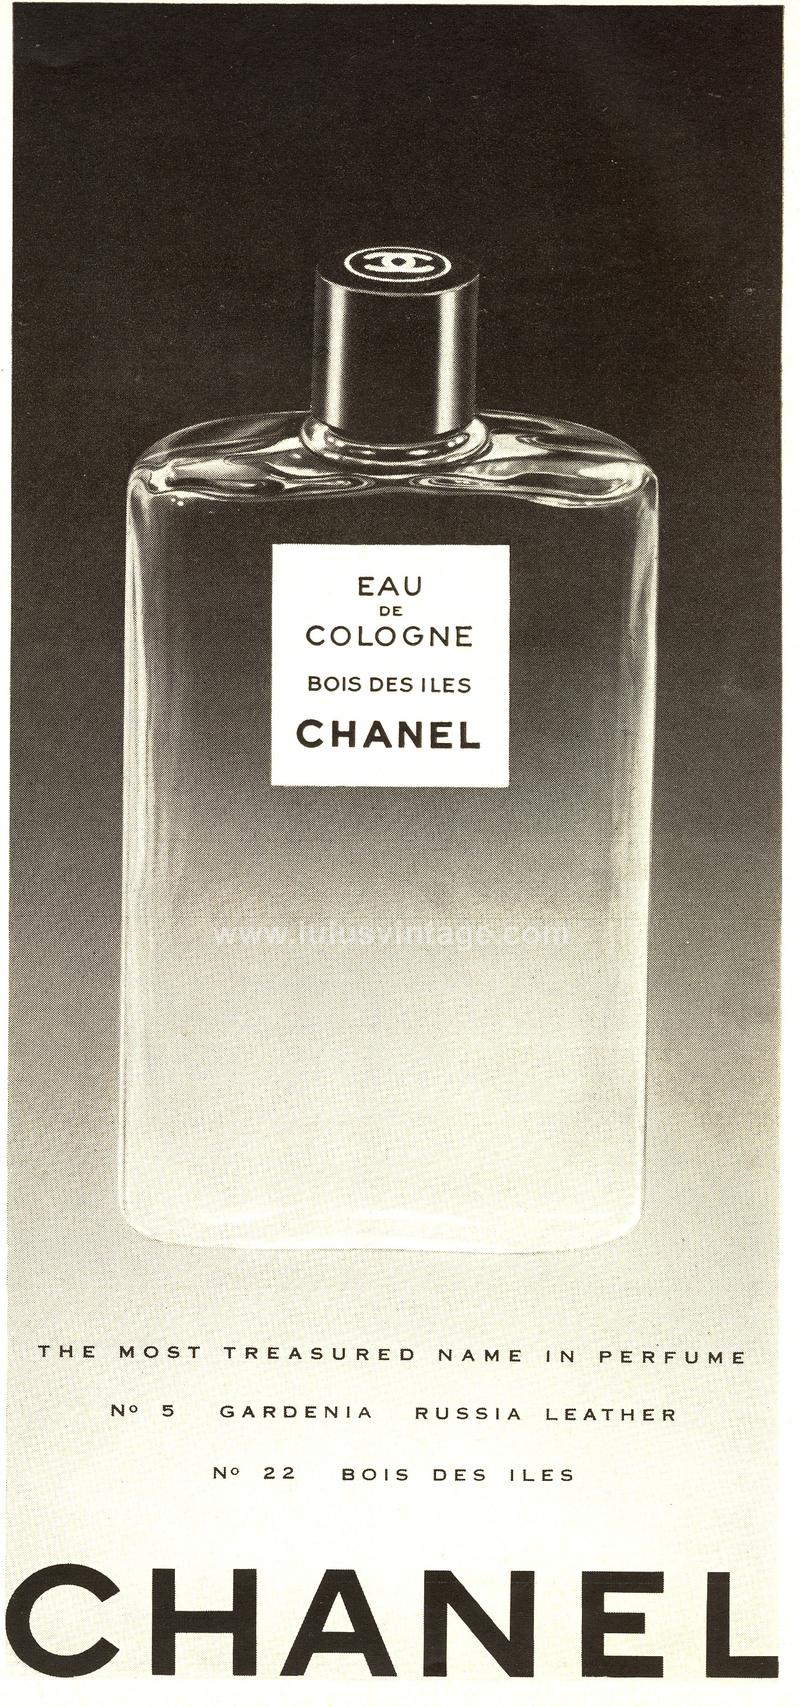 Lulu's Vintage Blog: Vintage Perfume Ads